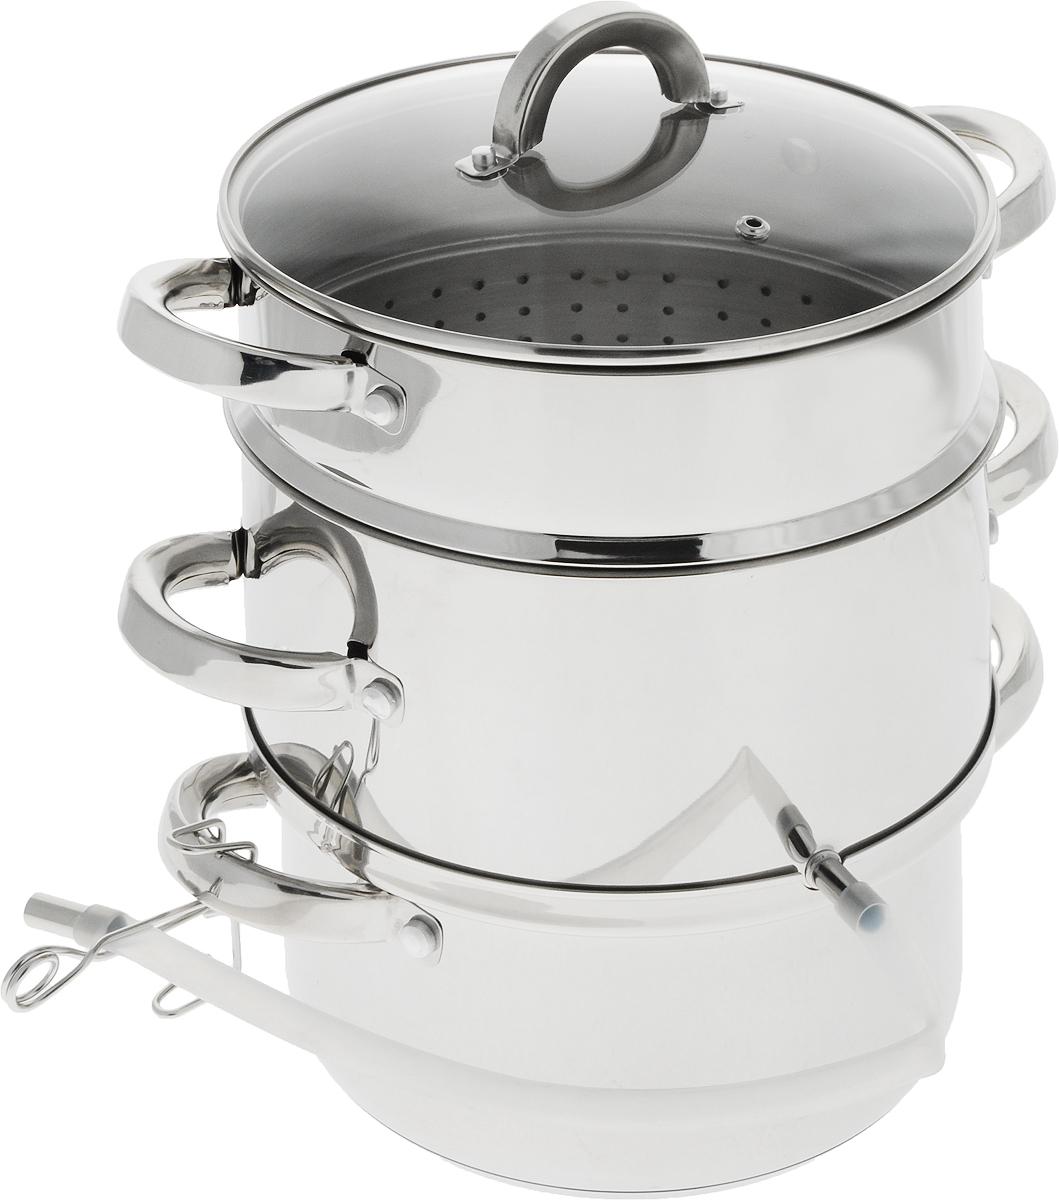 Соковарка  Travola  с крышкой, 5 л - Посуда для приготовления